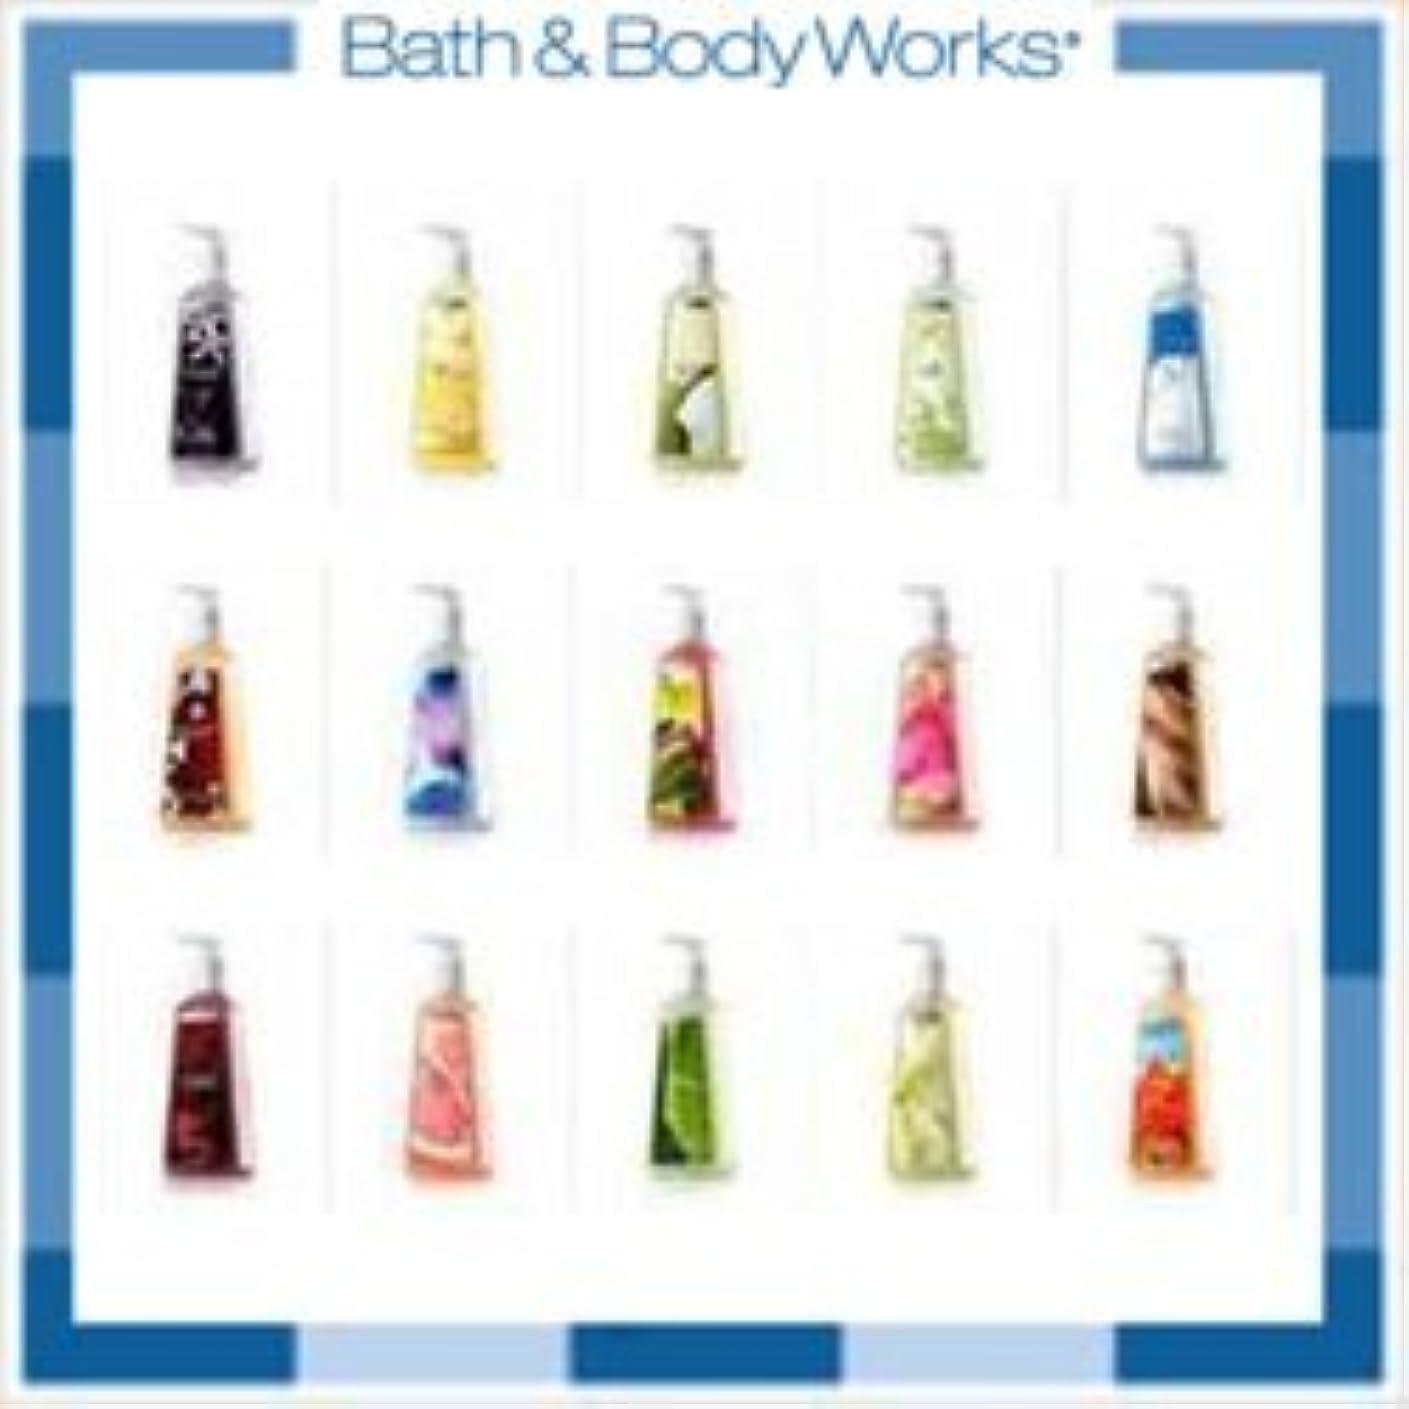 オズワルド短くする存在するBath and Body Works ハンドソープ ディープクレンジング 12本詰め合わせセット[海外直送品]